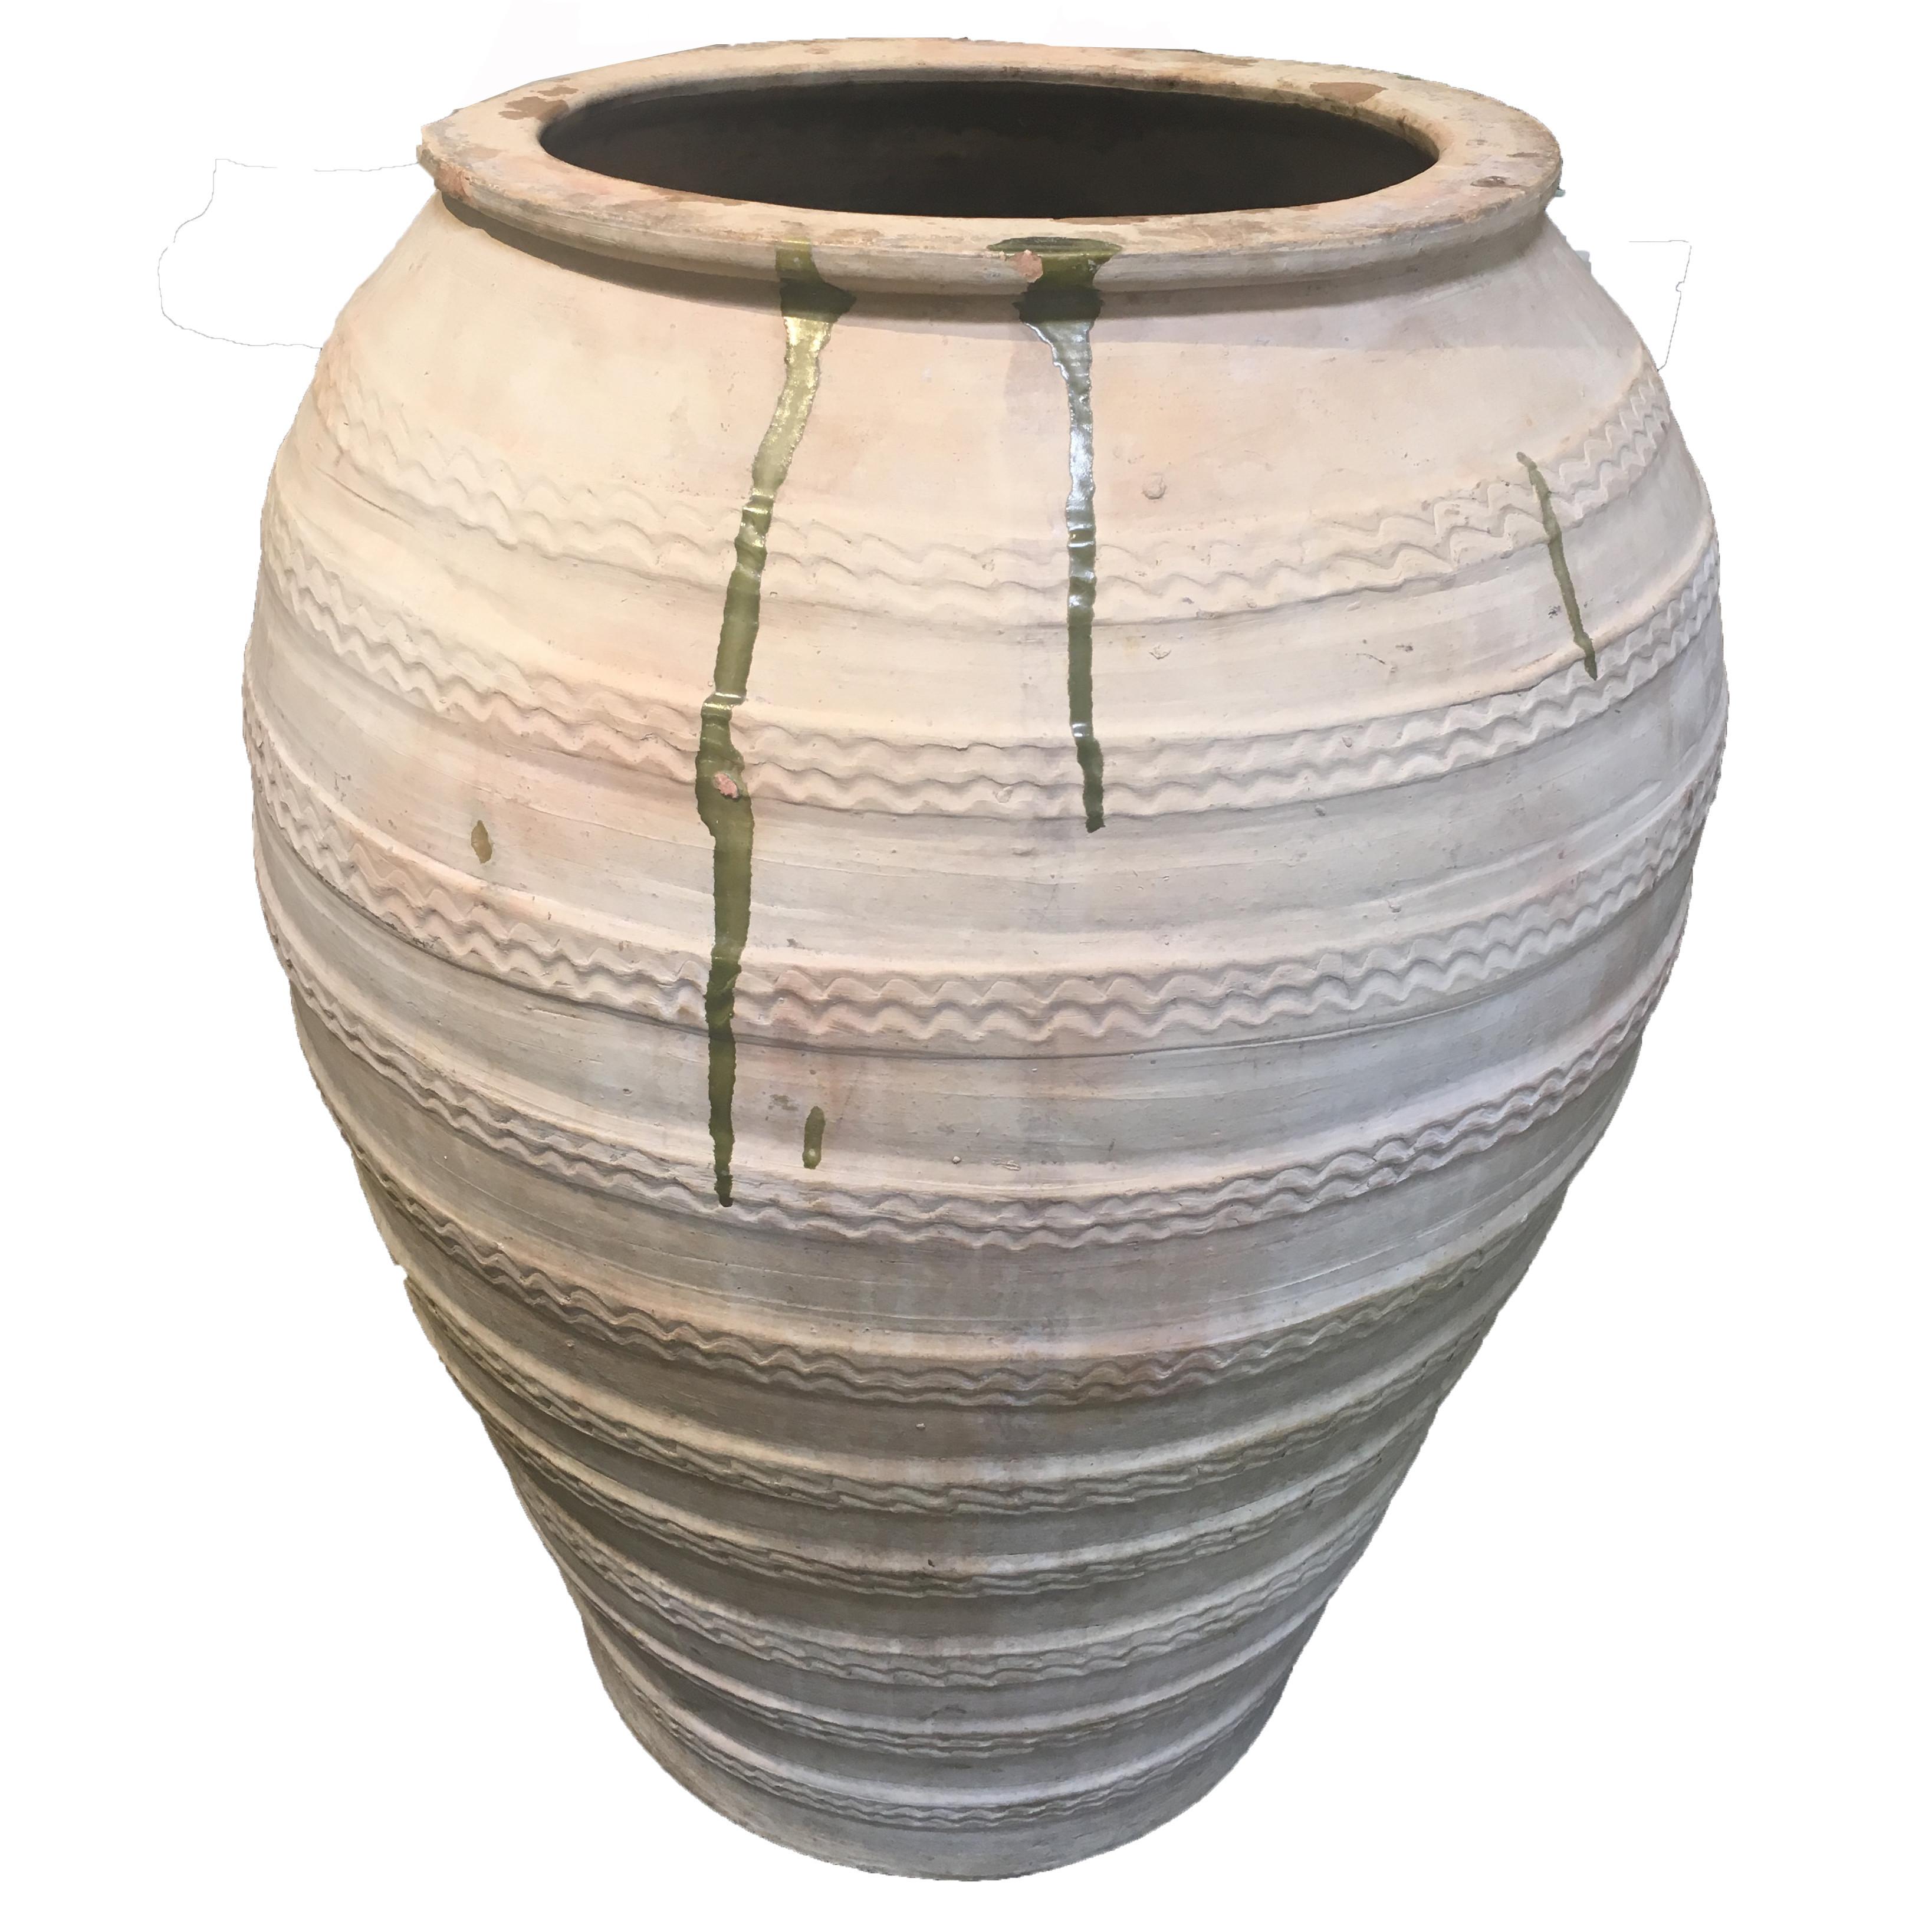 gold satsuma vase of large urn vase images antiques gifts wonderful large antique within large urn vase image antique extra spanish ceramic oil jar of large urn vase images antiques